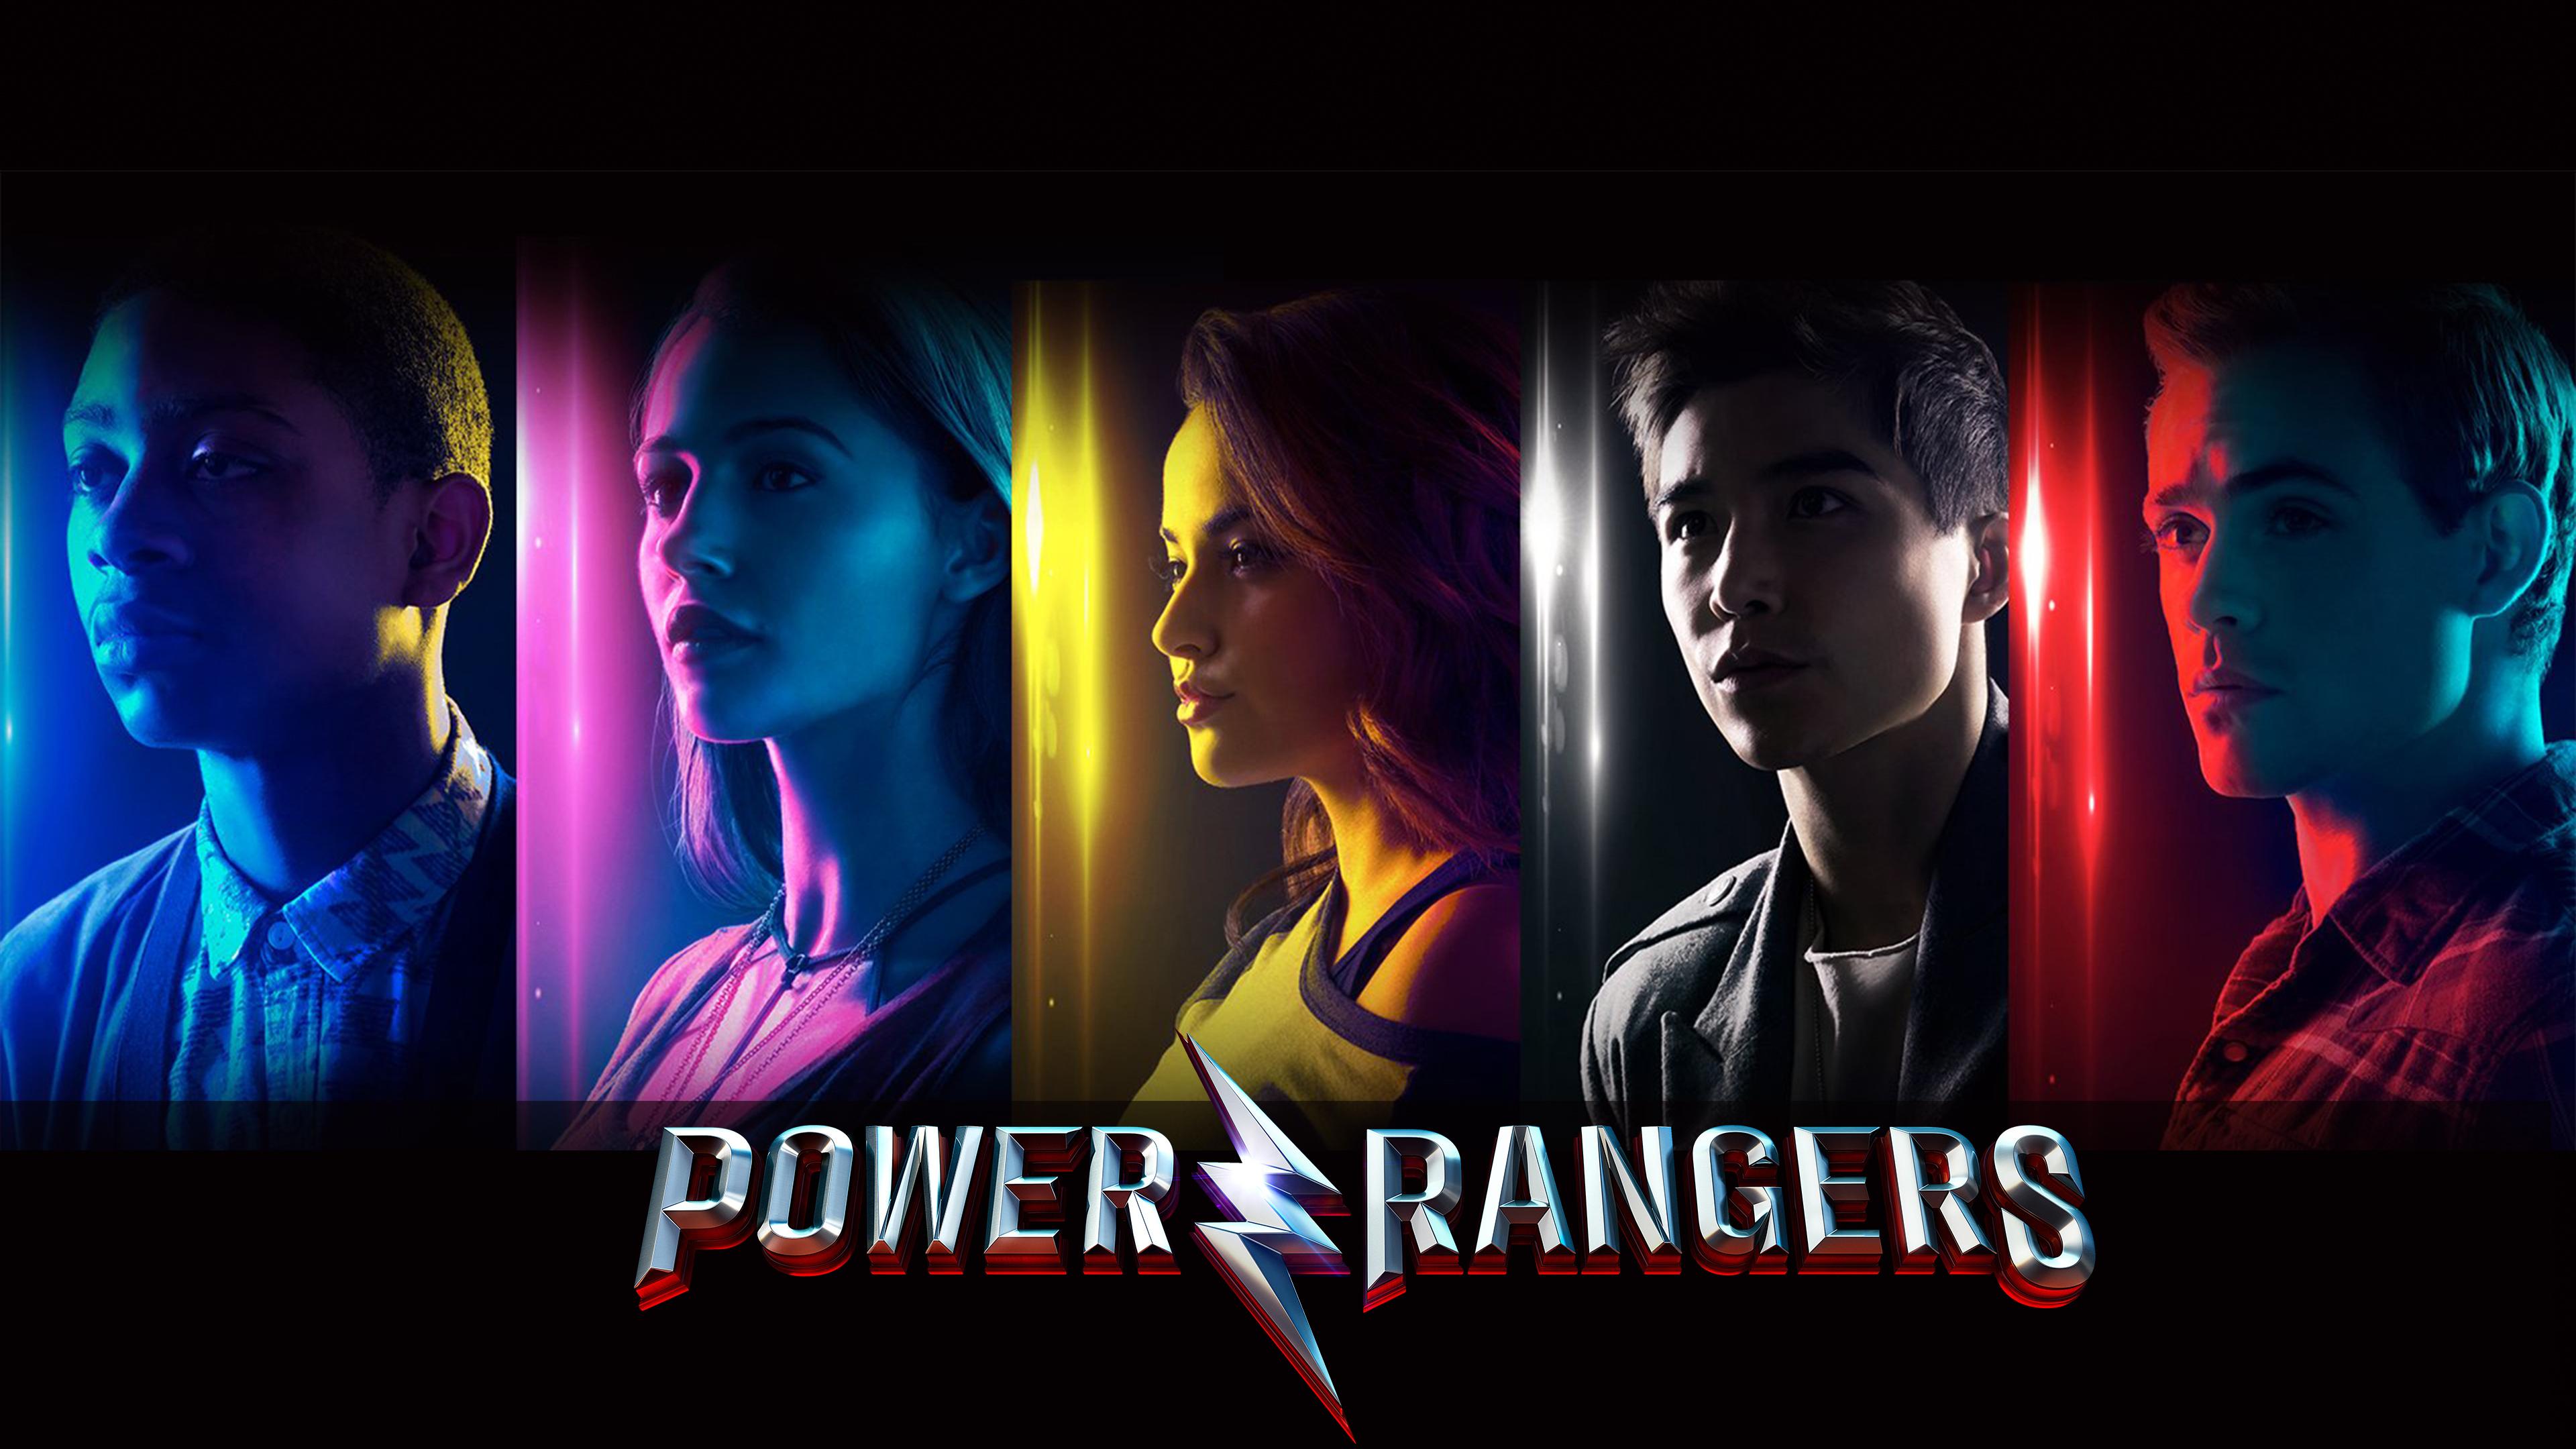 power ranger movie download 720p